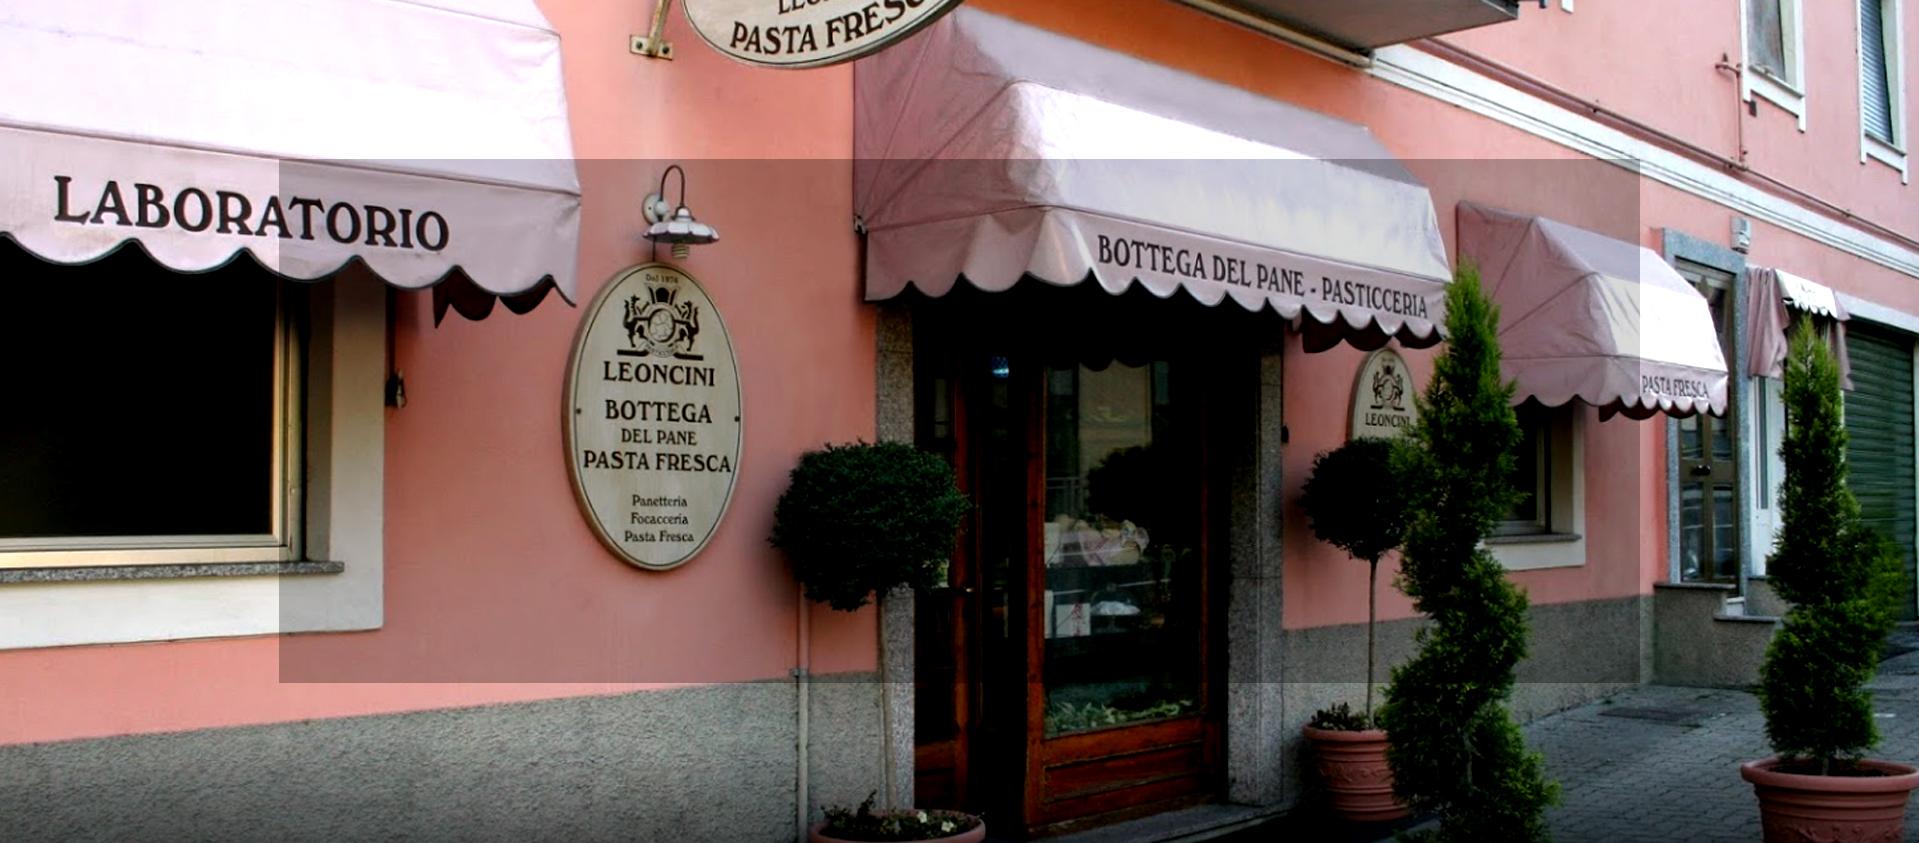 Pane casereccio e pasta presca Leoncini Pasticceria